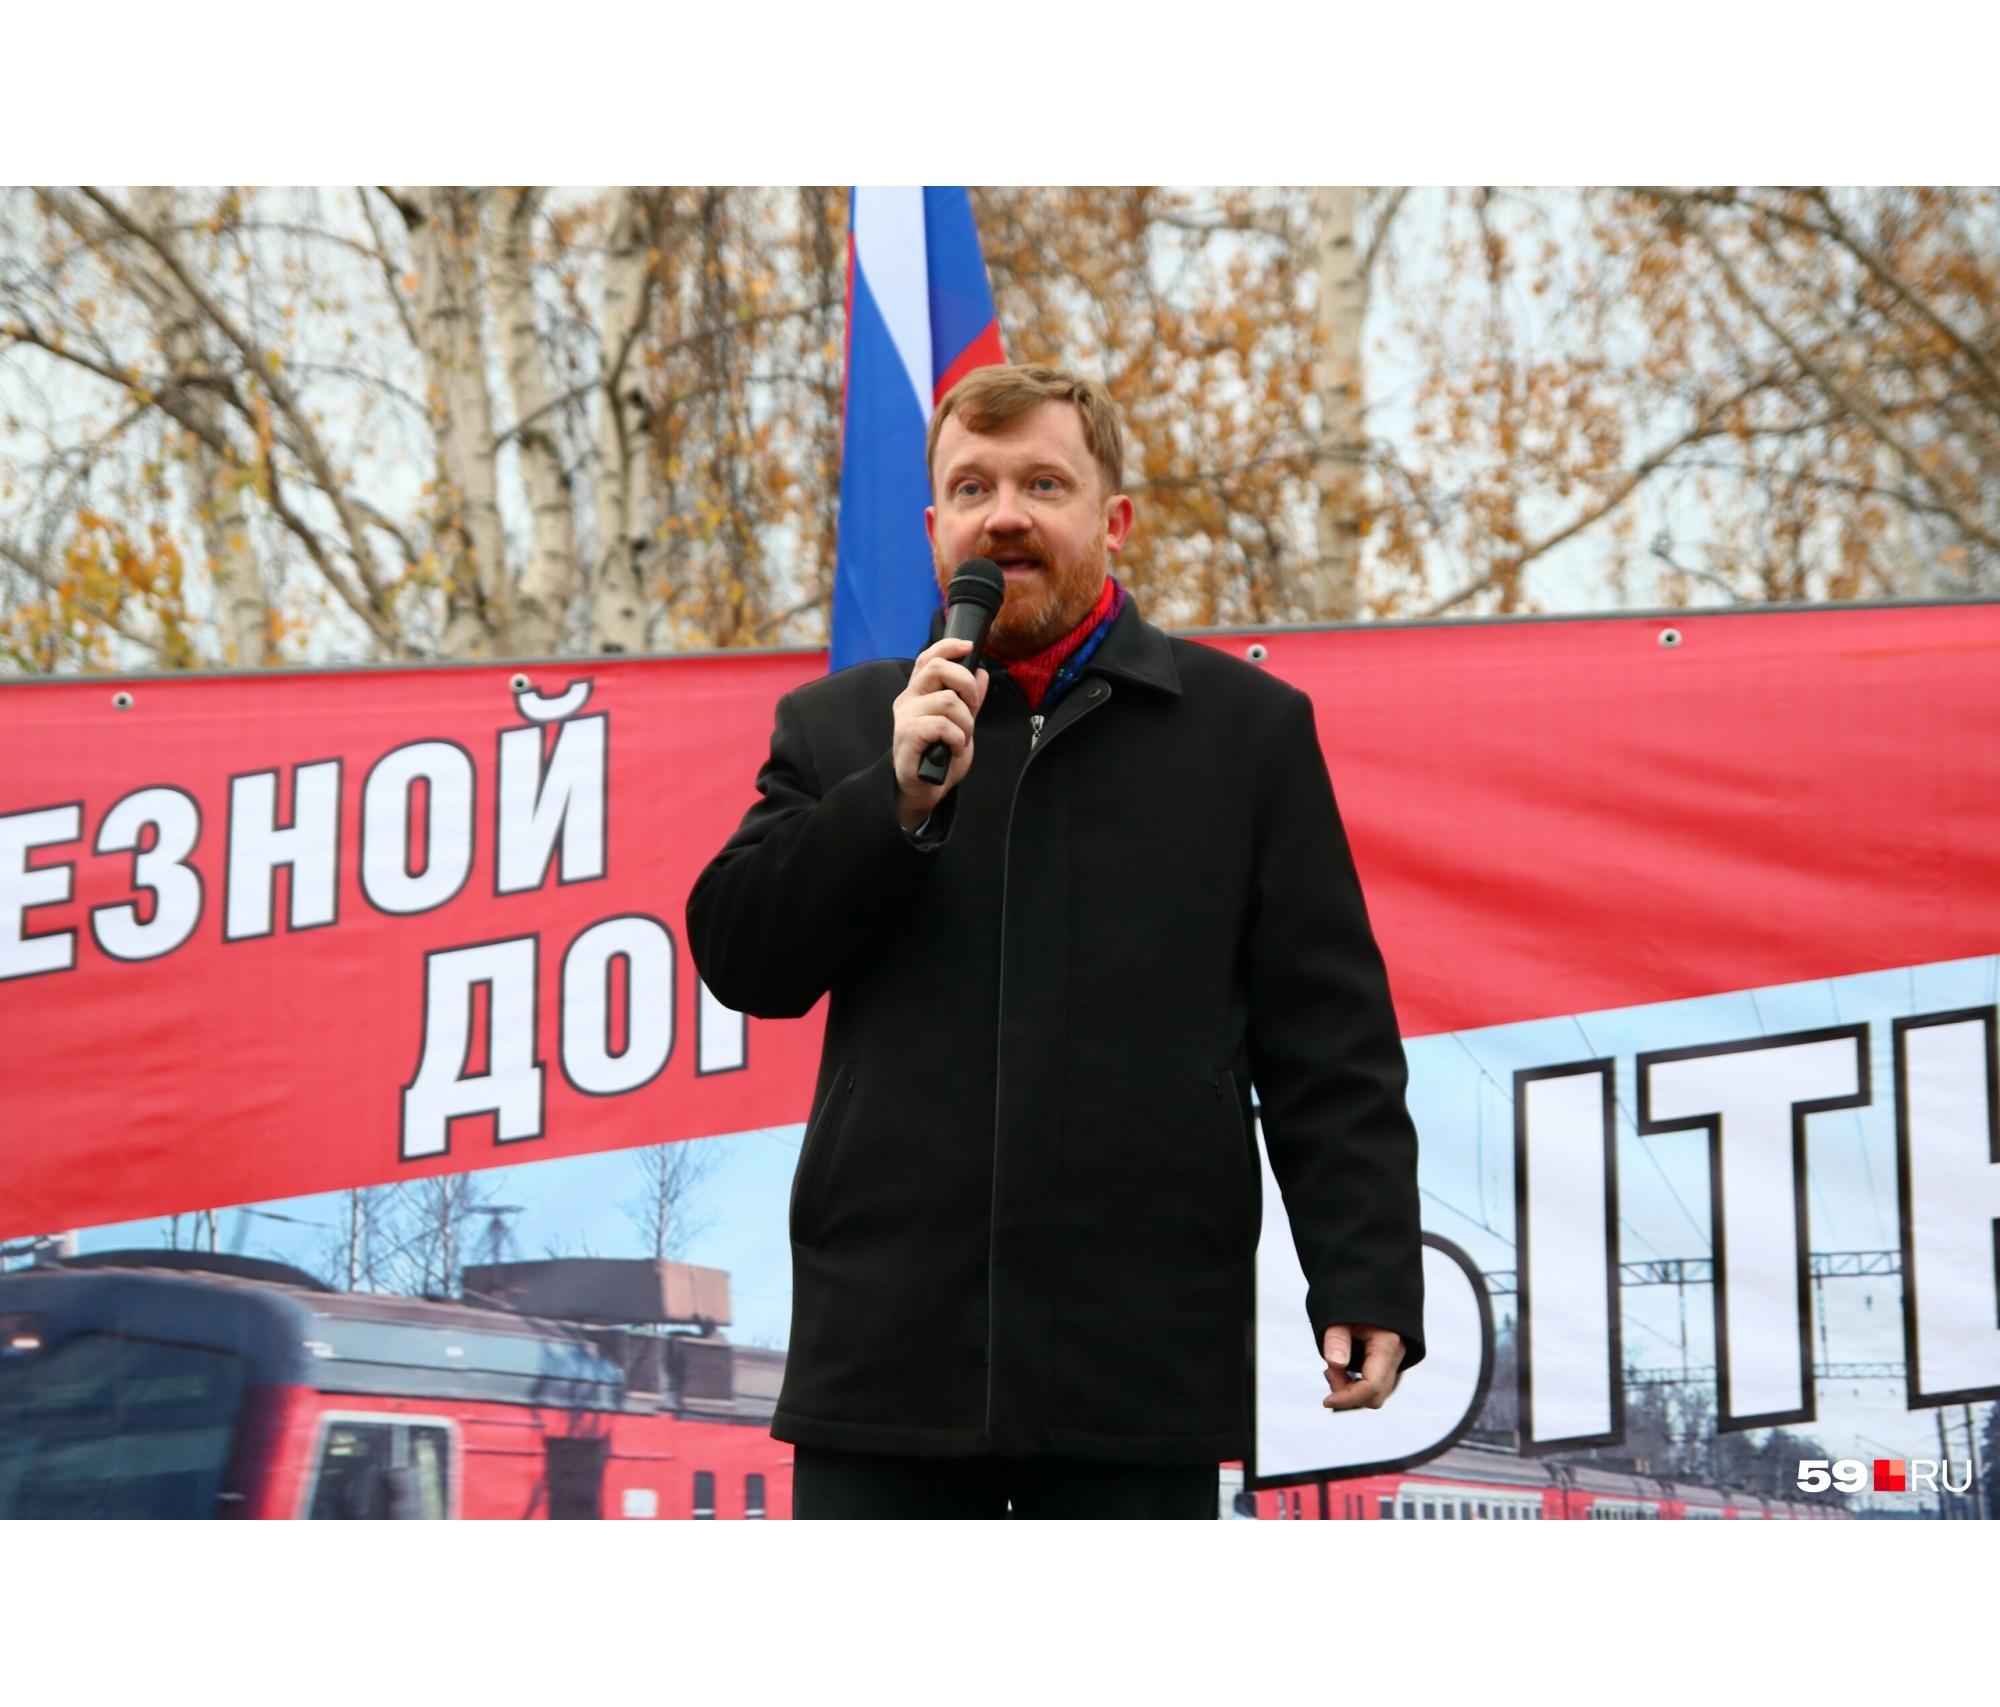 Александр Зотин считает, что у губернатора есть личная заинтересованность в сносе железной дороги